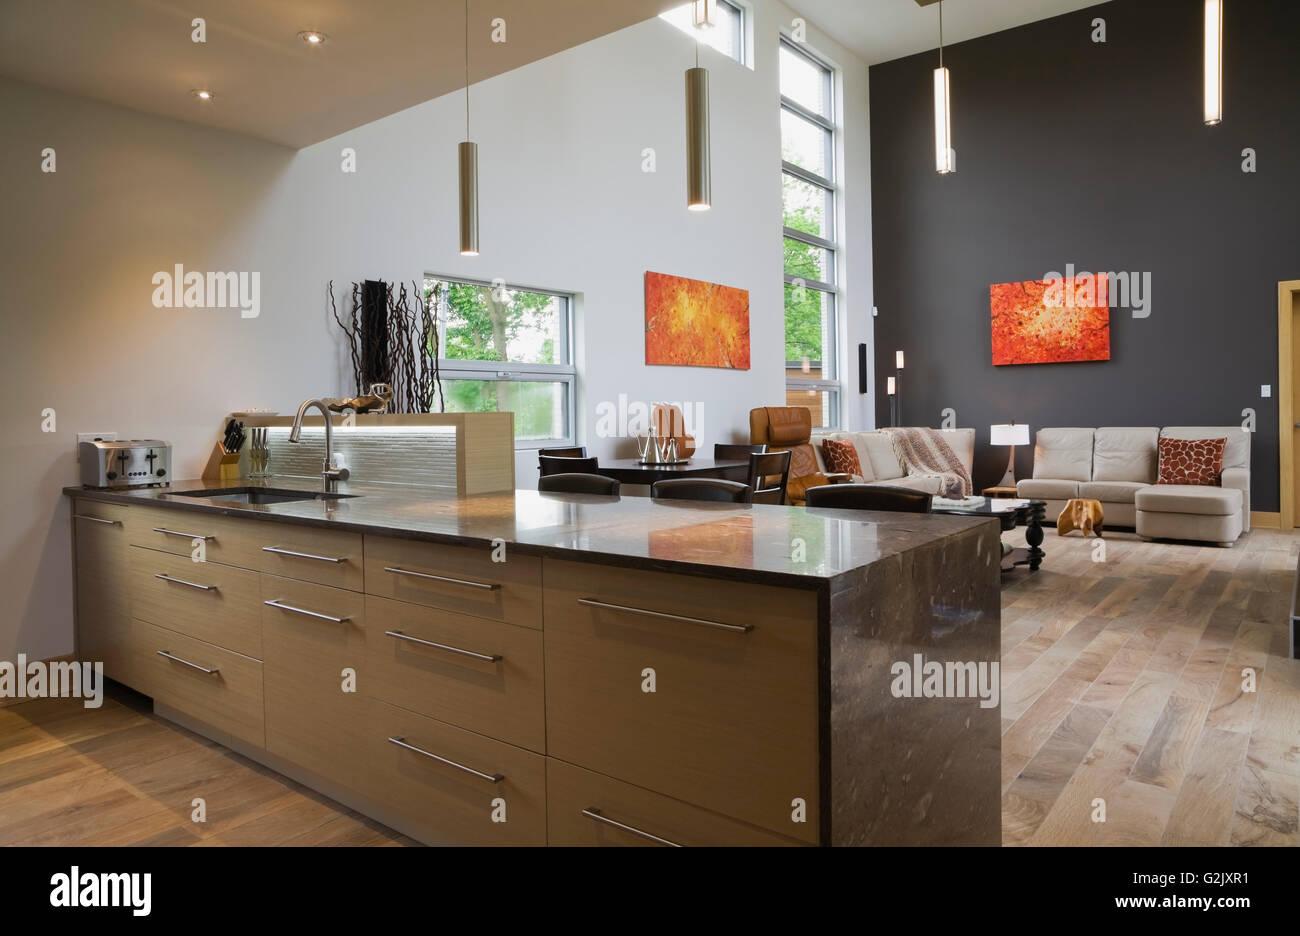 Insel Dunklen Grauen Marmor Arbeitsplatte Spule In Kuche Ansicht Wohnzimmer In Eine Moderne Kubistischen Stil Wohn Haus Quebec Kanada Stockfotografie Alamy